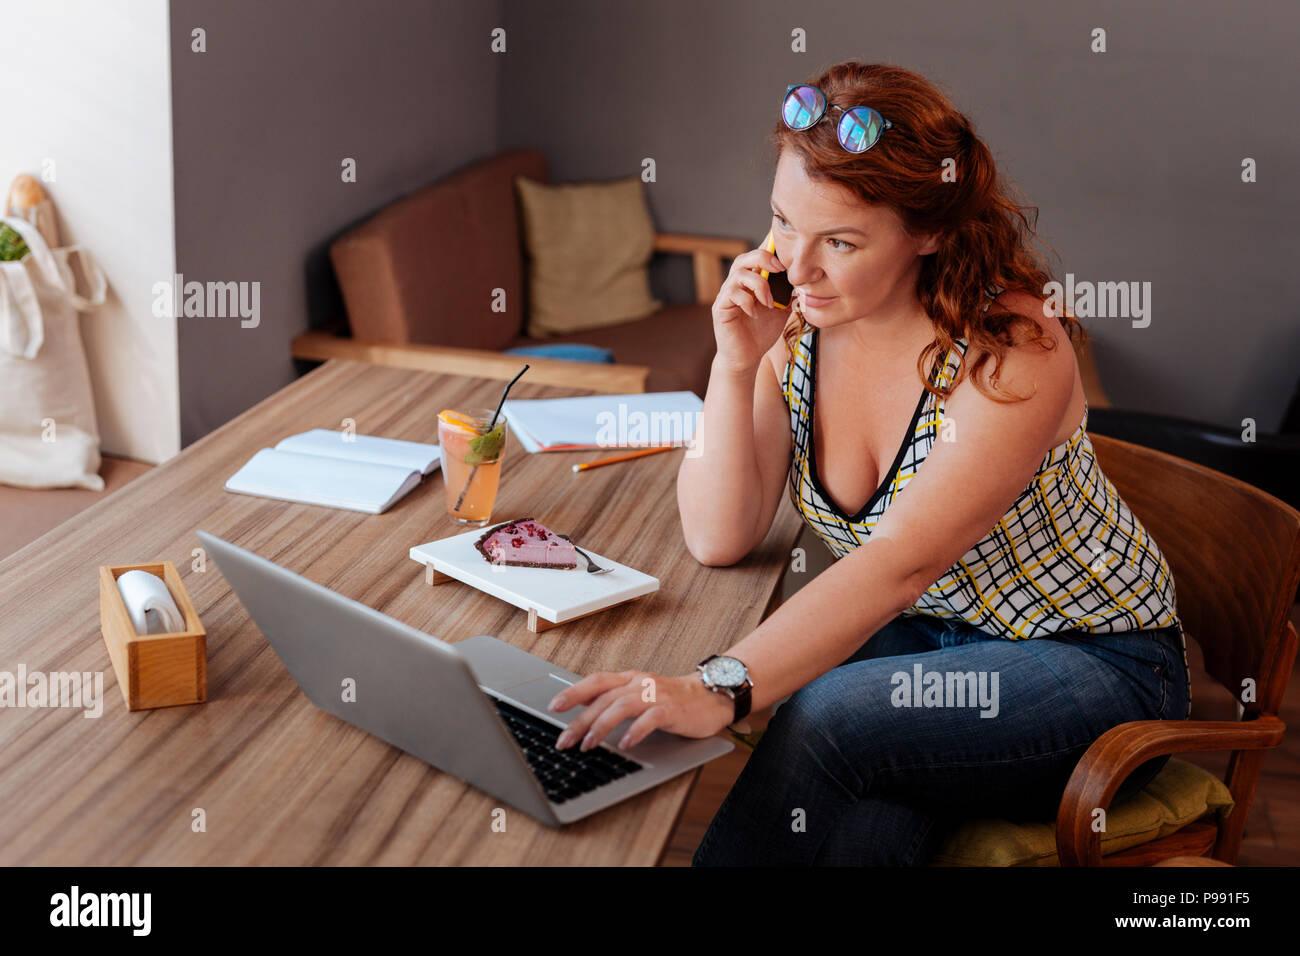 La empresaria ocupado llamando a su colega mientras tiene reunión Imagen De Stock